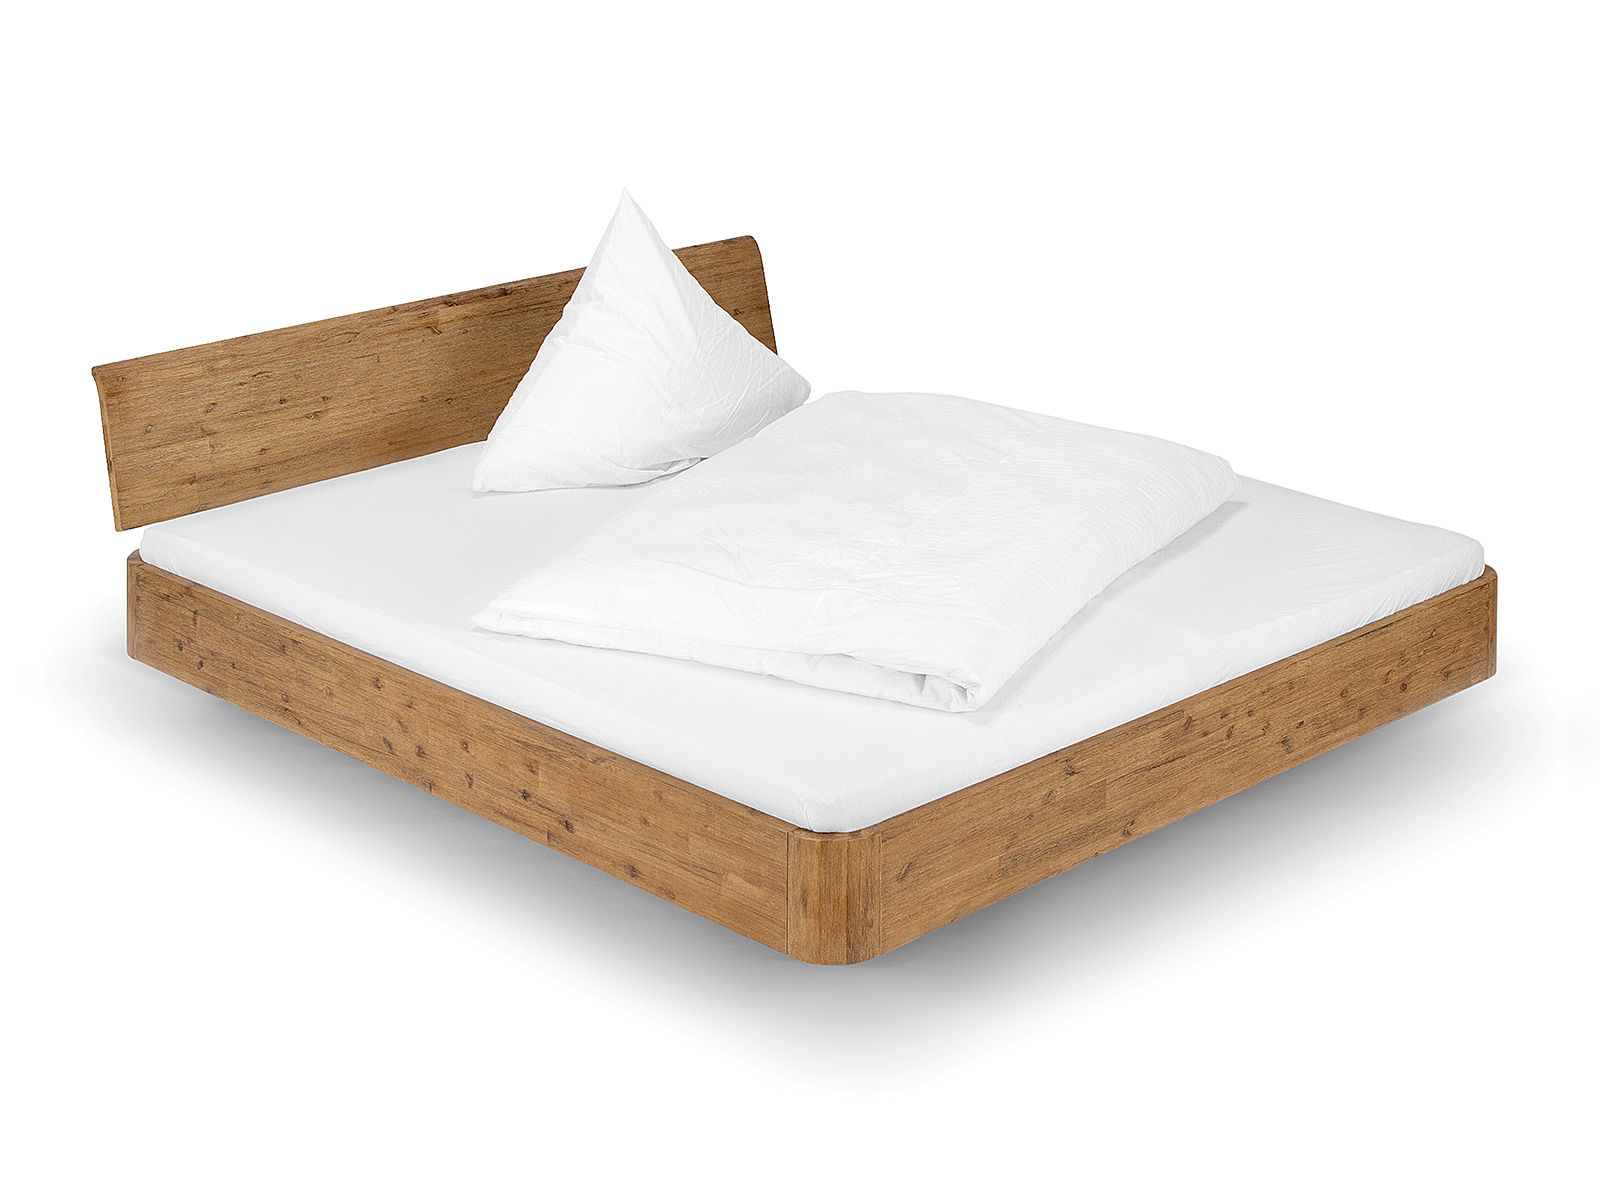 Full Size of Betten Hamburg Bett Weiß 160x200 180x200 Großes Rundes Poco Mit Bettkasten Hülsta Dico Steens Nussbaum Bettwäsche Sprüche Eiche Sonoma Bett Schwebendes Bett